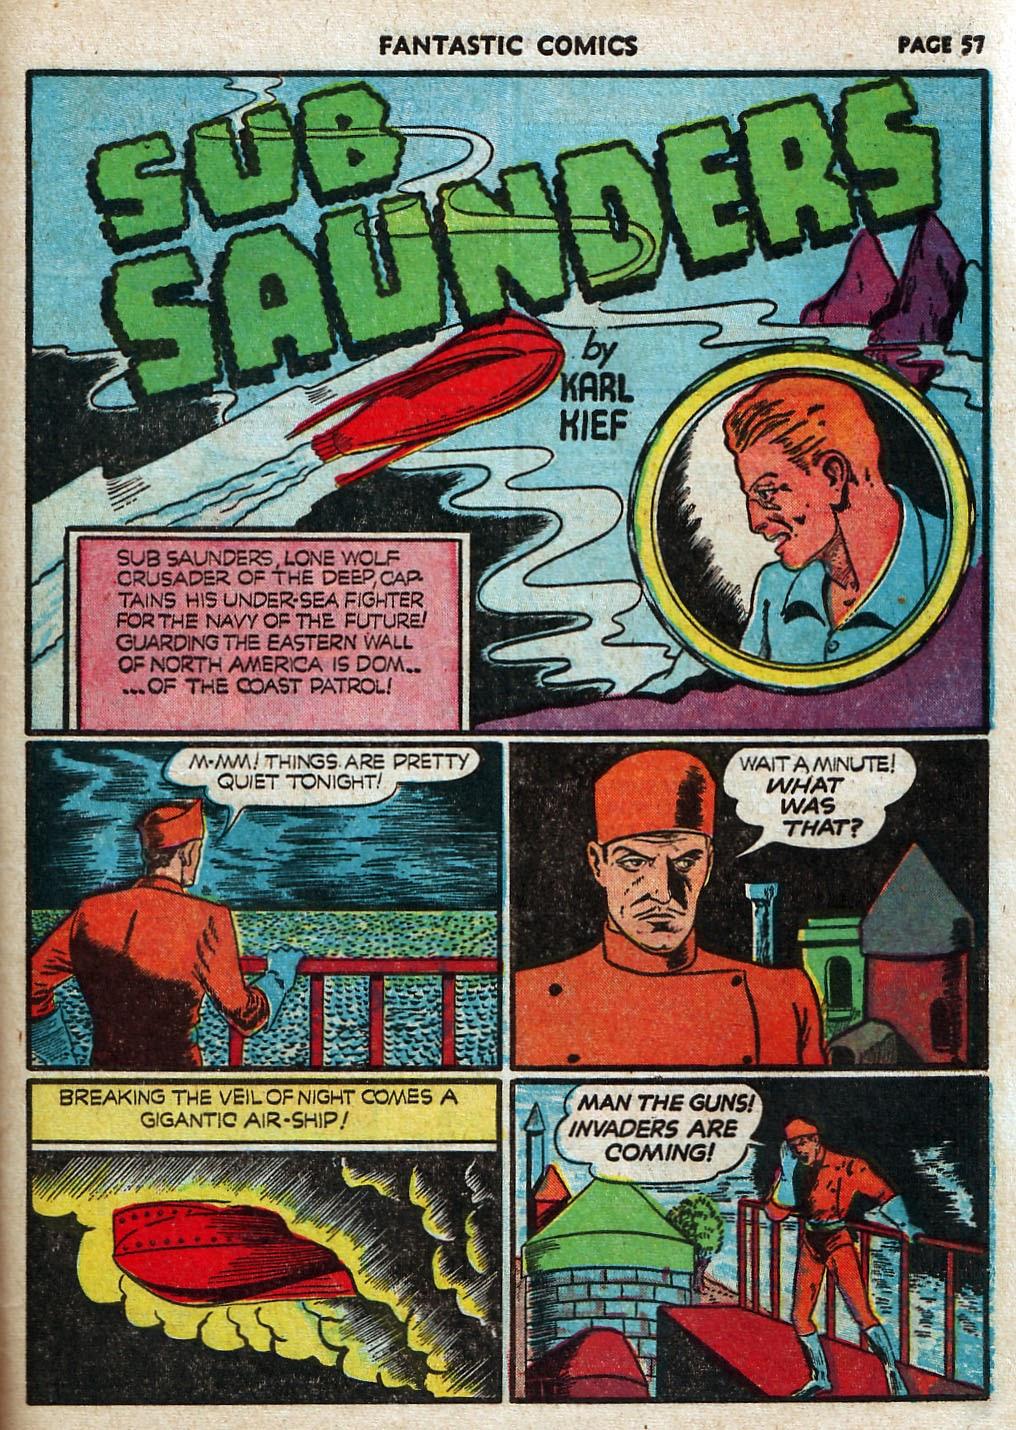 Read online Fantastic Comics comic -  Issue #17 - 58